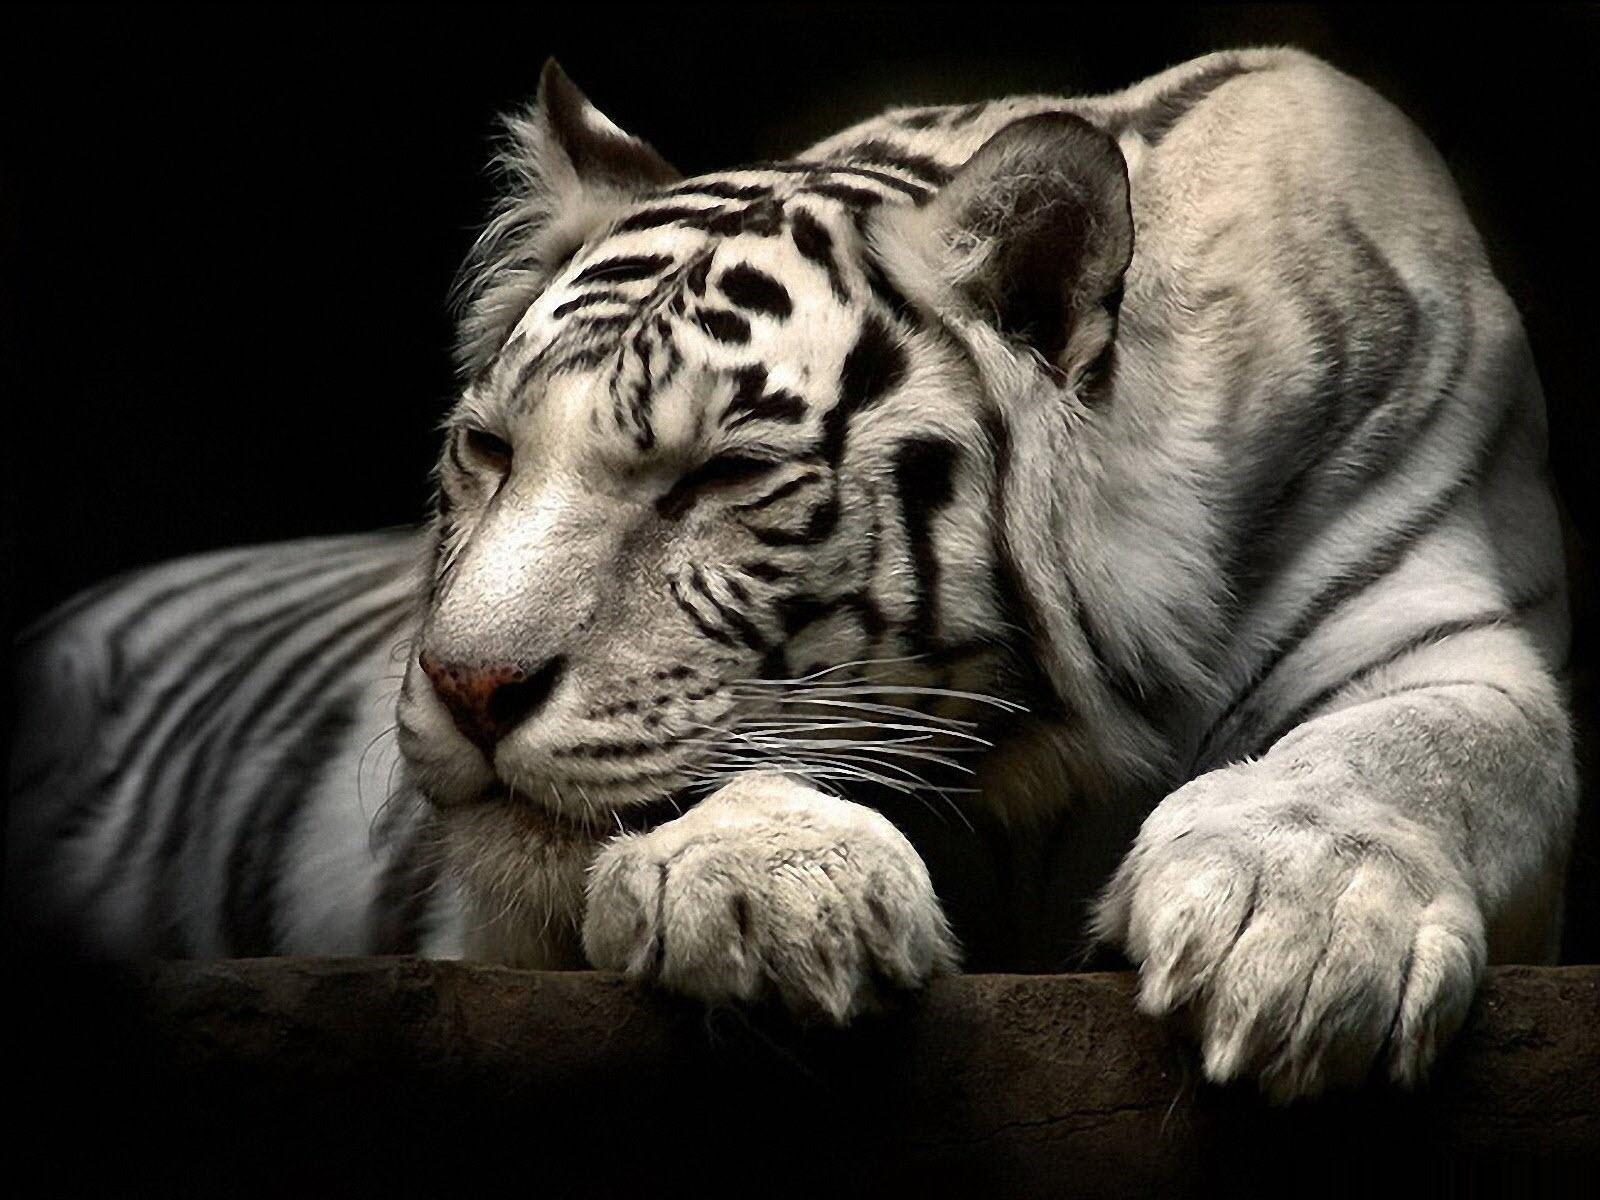 Hình ảnh con hổ đang ngủ